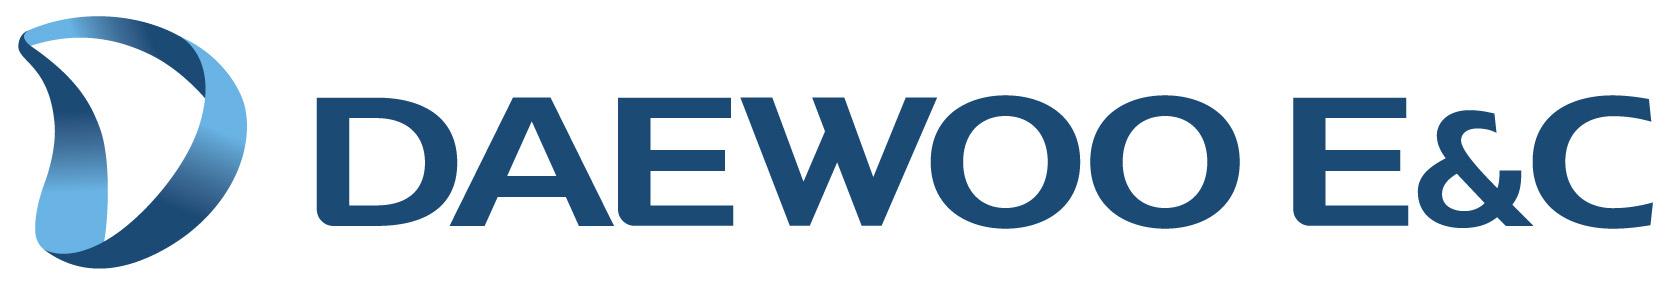 Daewoo E&C Records Highest-ever Operating Profit in Q1 - 비즈니스